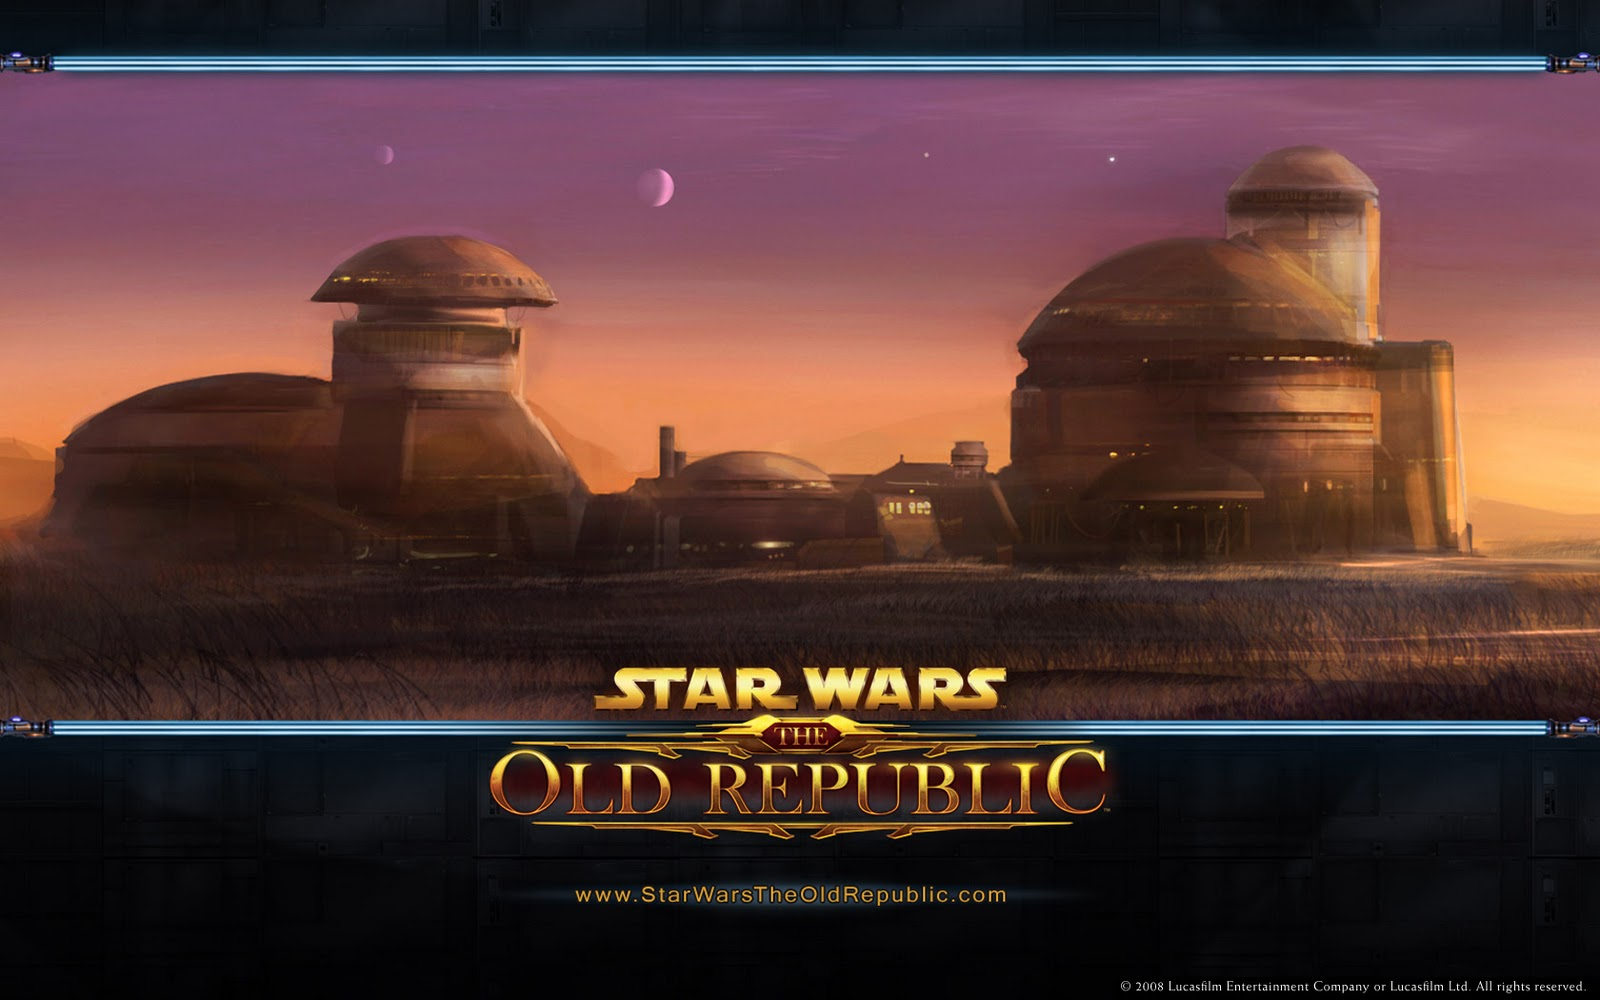 http://4.bp.blogspot.com/-vCF80f6jv6c/TtKsJ6RbrtI/AAAAAAAAAtk/vYS82ni7npU/s1600/star-wars-the-old-republic-wallpaper-8.jpg